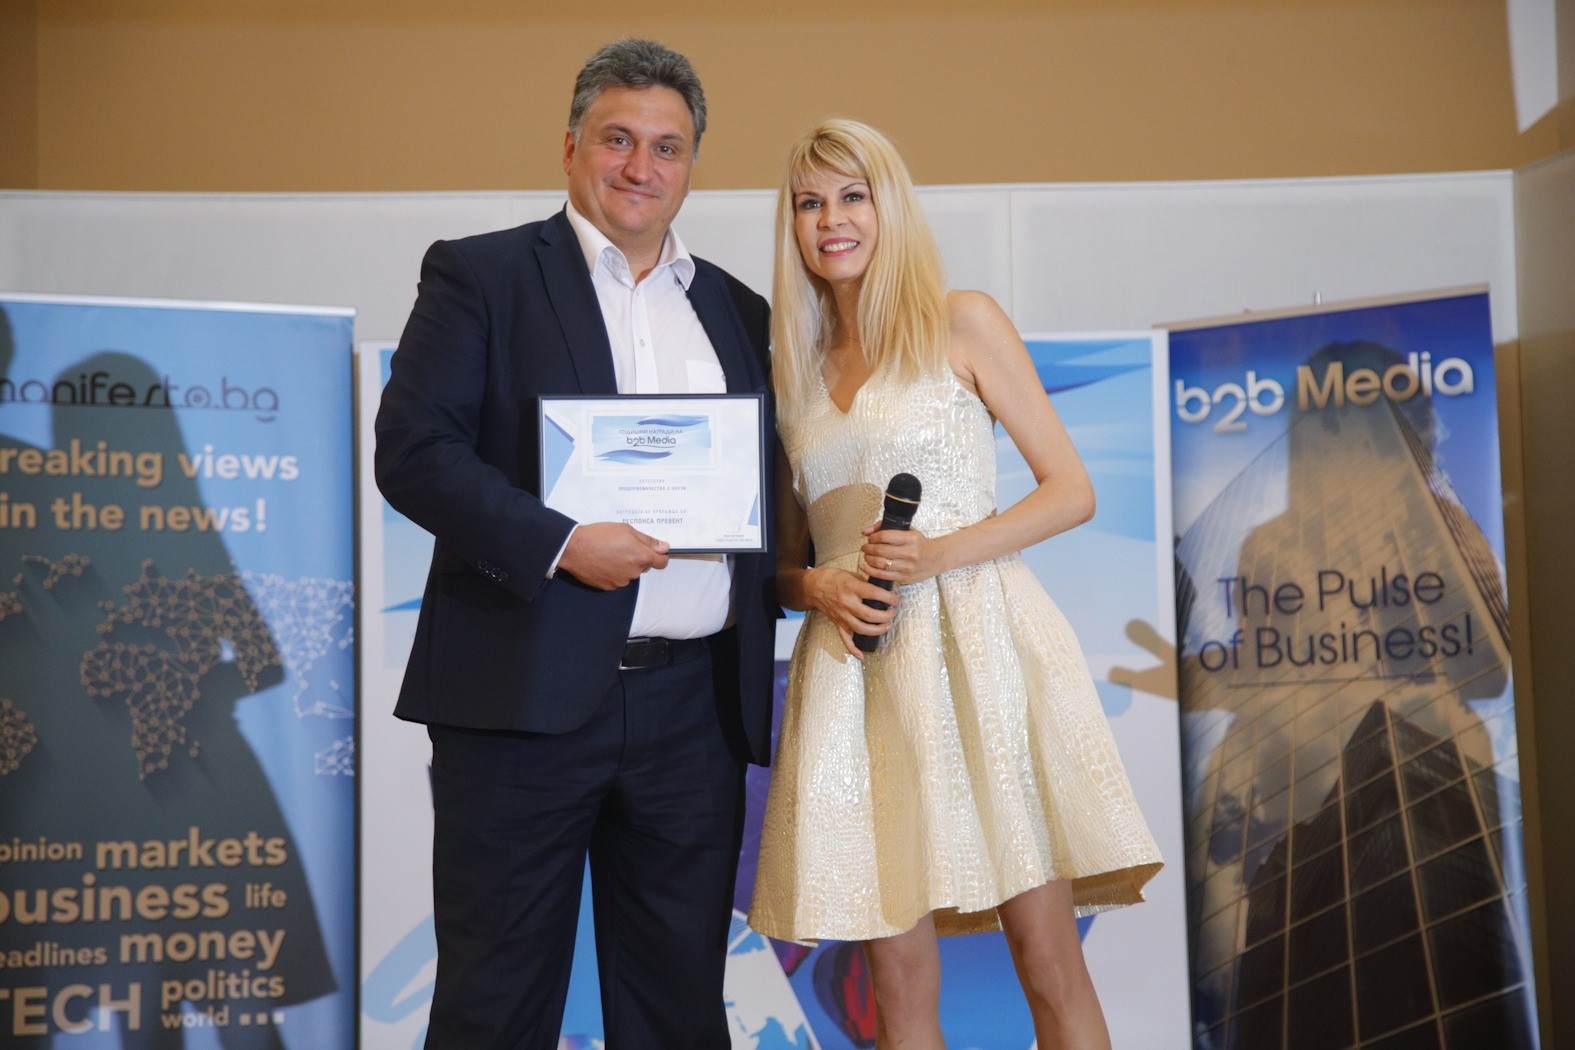 http://3con.eu/newsroom/wp-content/uploads/2019/07/PR-RP-11-07-2019-awards.jpg